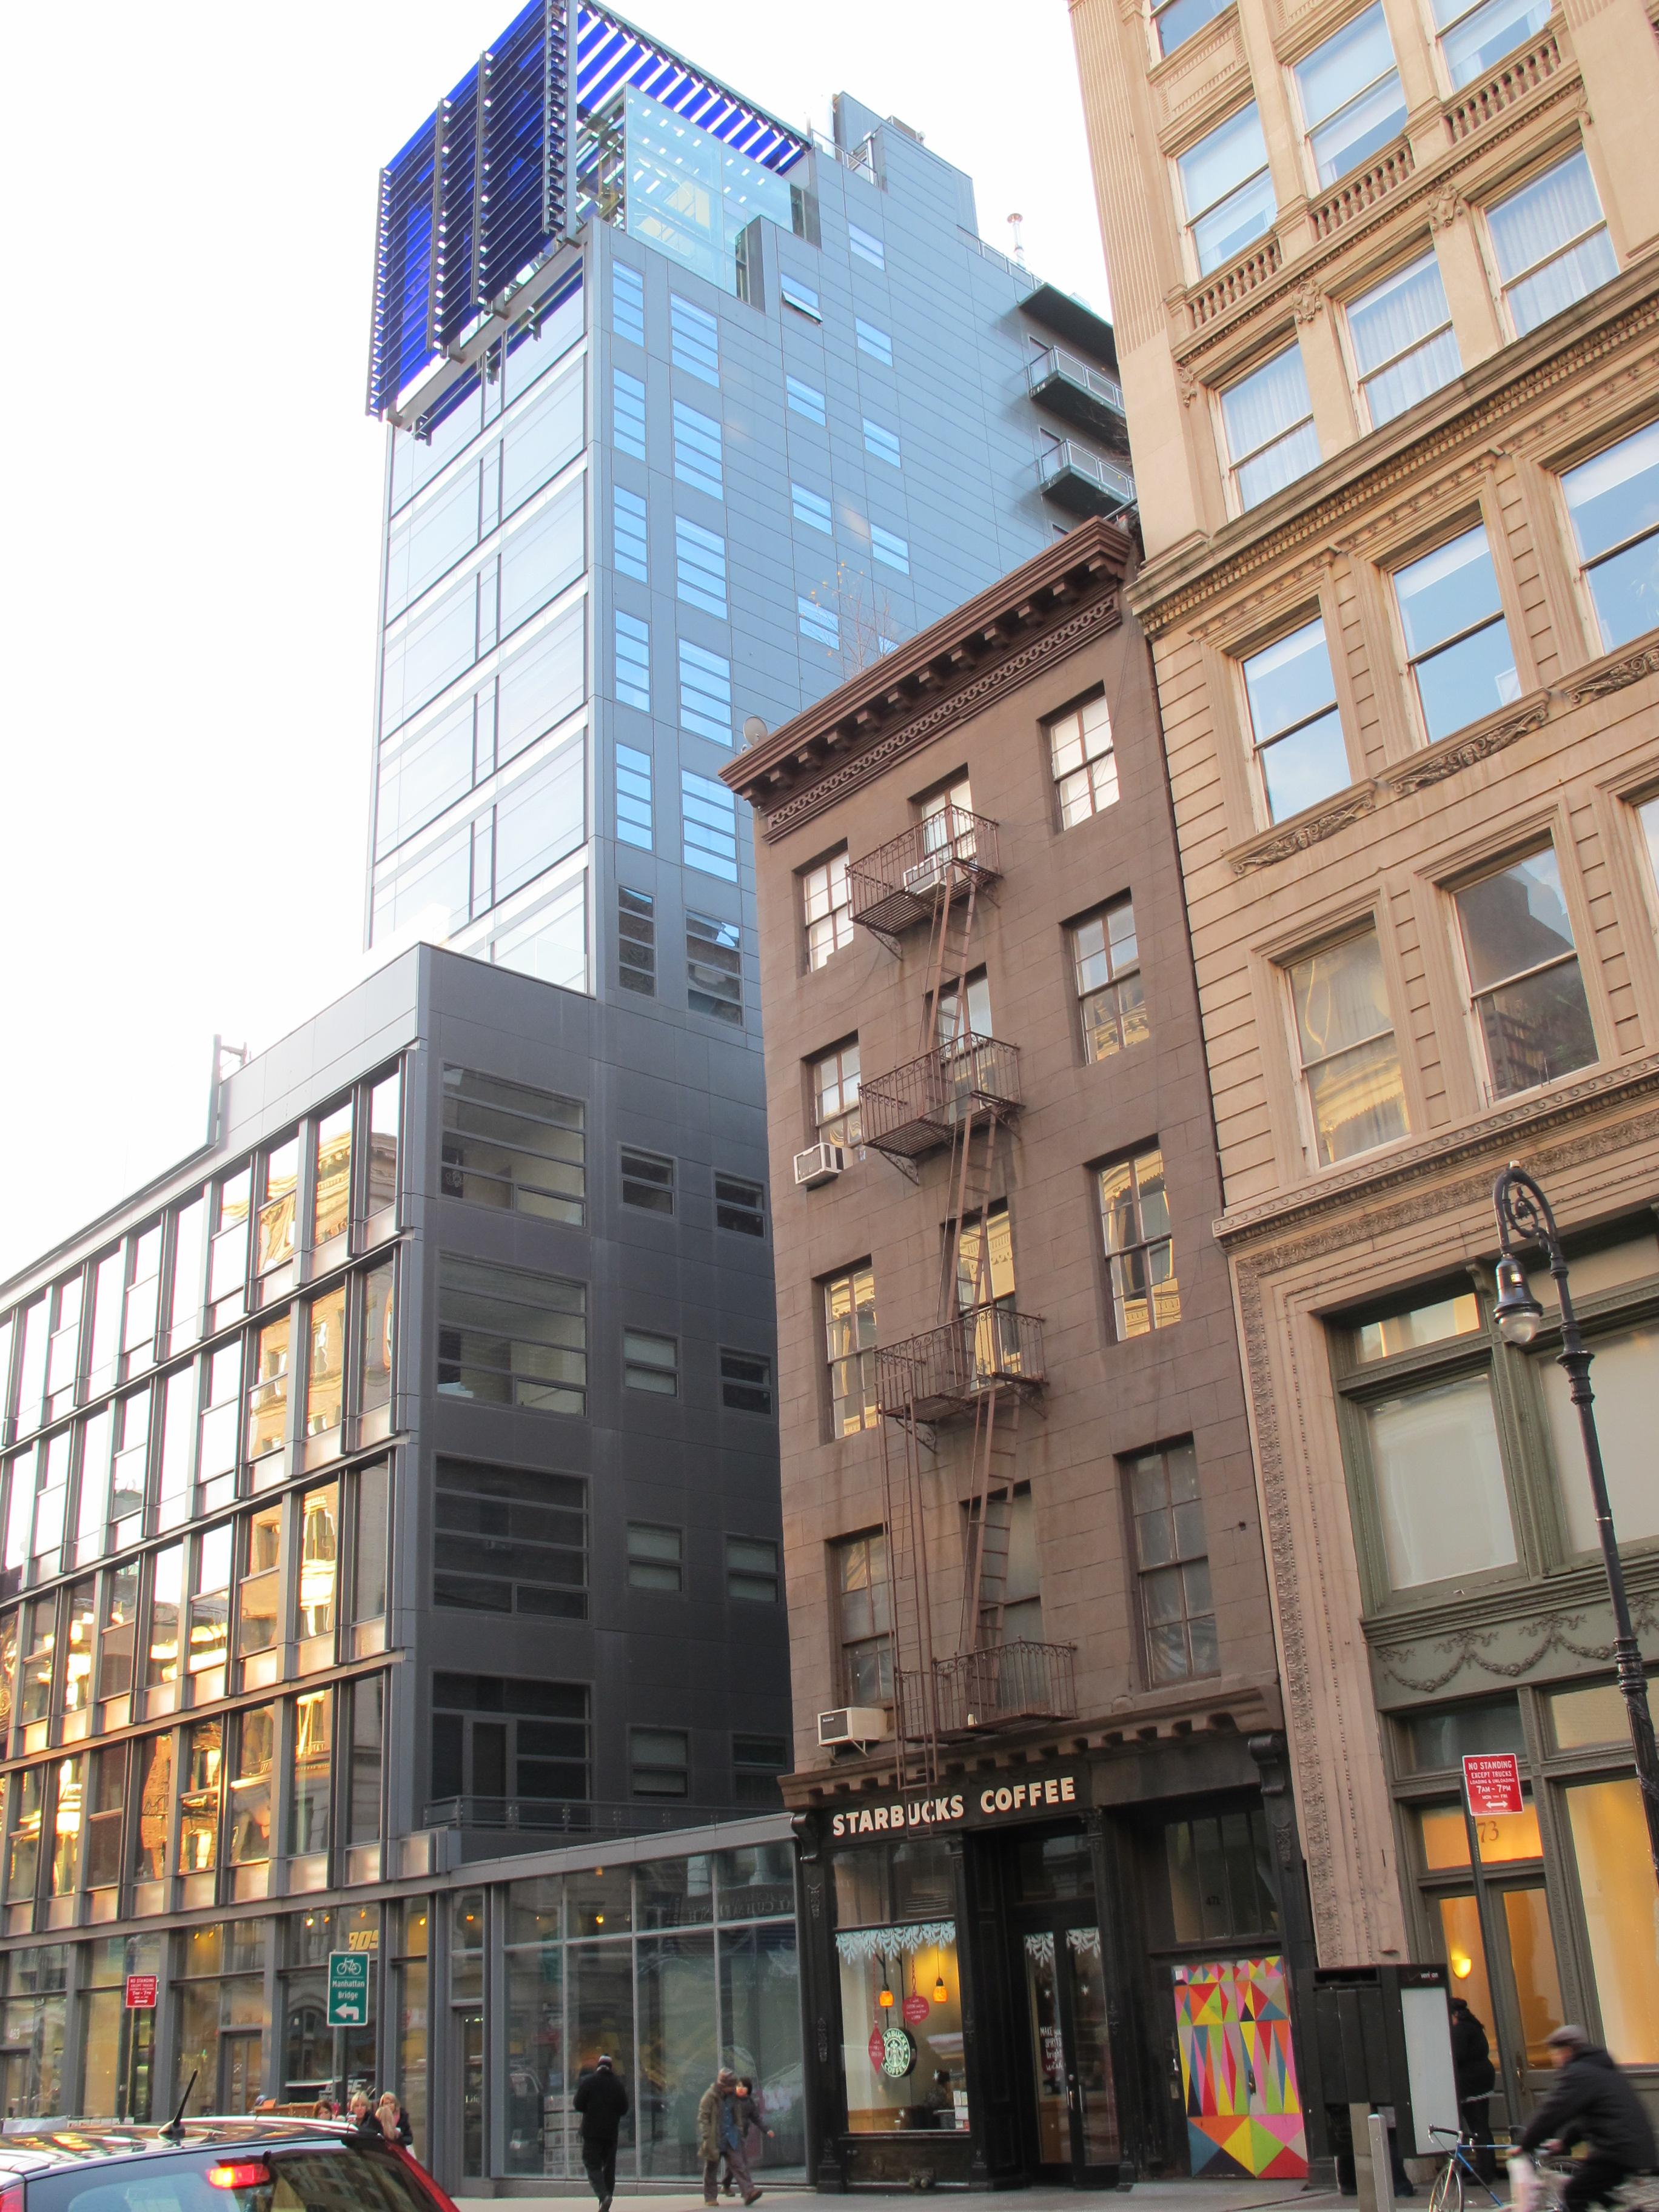 Description manhattan new york city 2009 pd 20091201 247 jpg